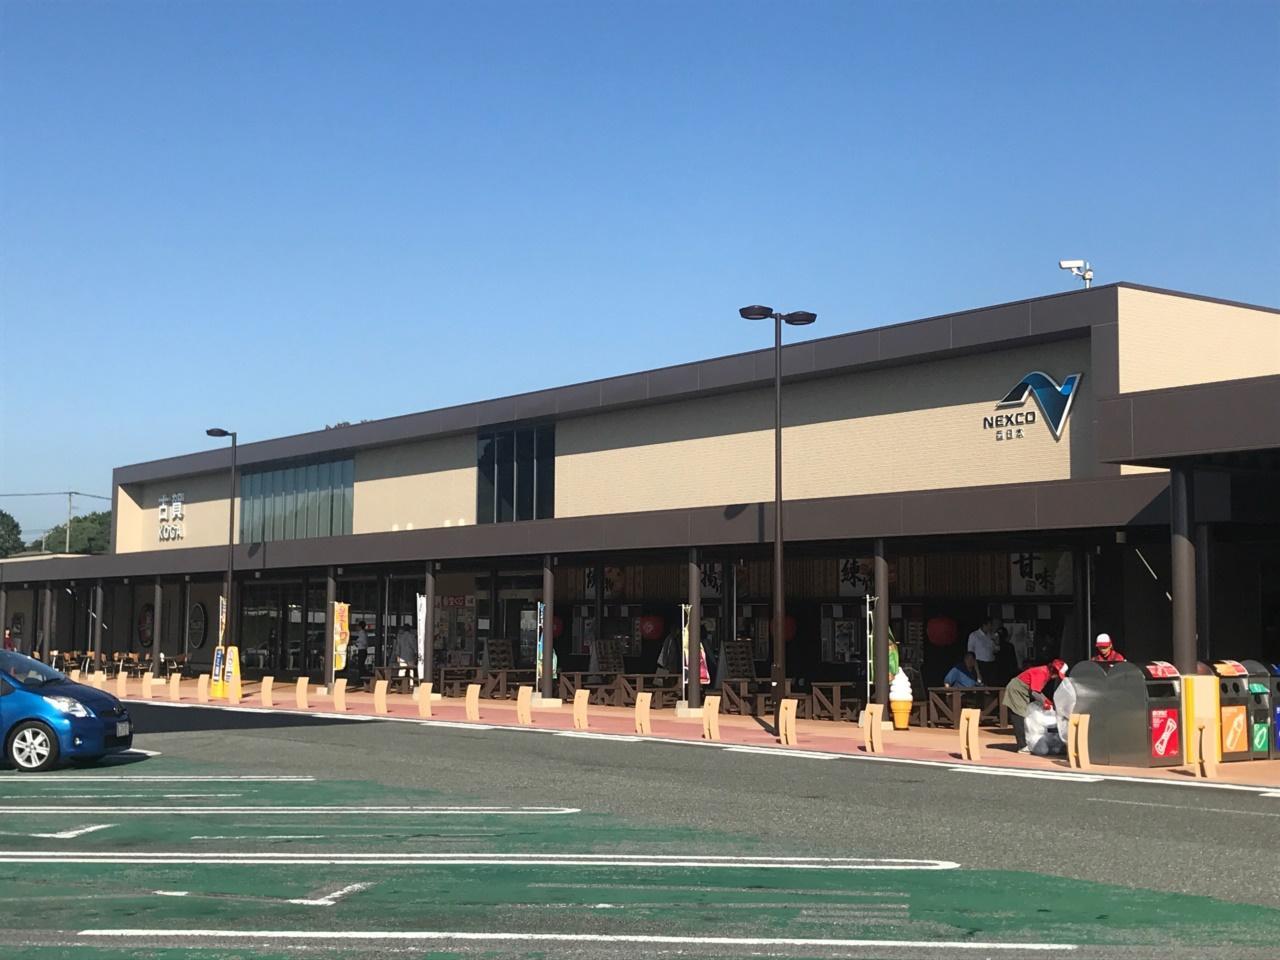 画像: 本州から九州に入って最初の大きなサービスエリアが古賀のSAだ。最近リニューアルされた。